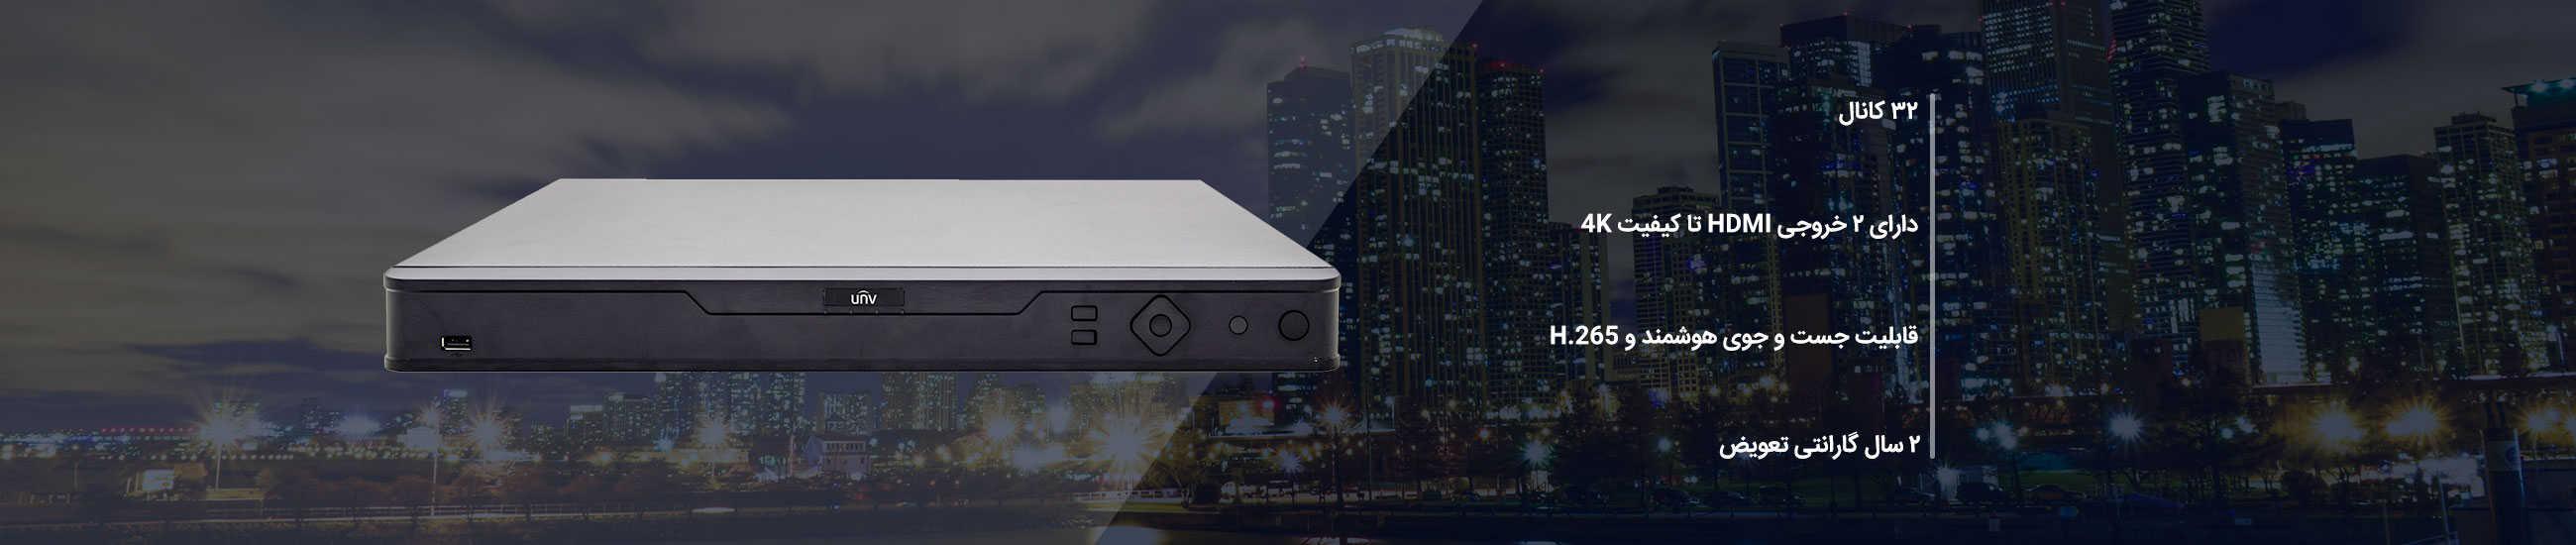 دستگاه ضبط تصاویر تحت شبکه NVR304-32E